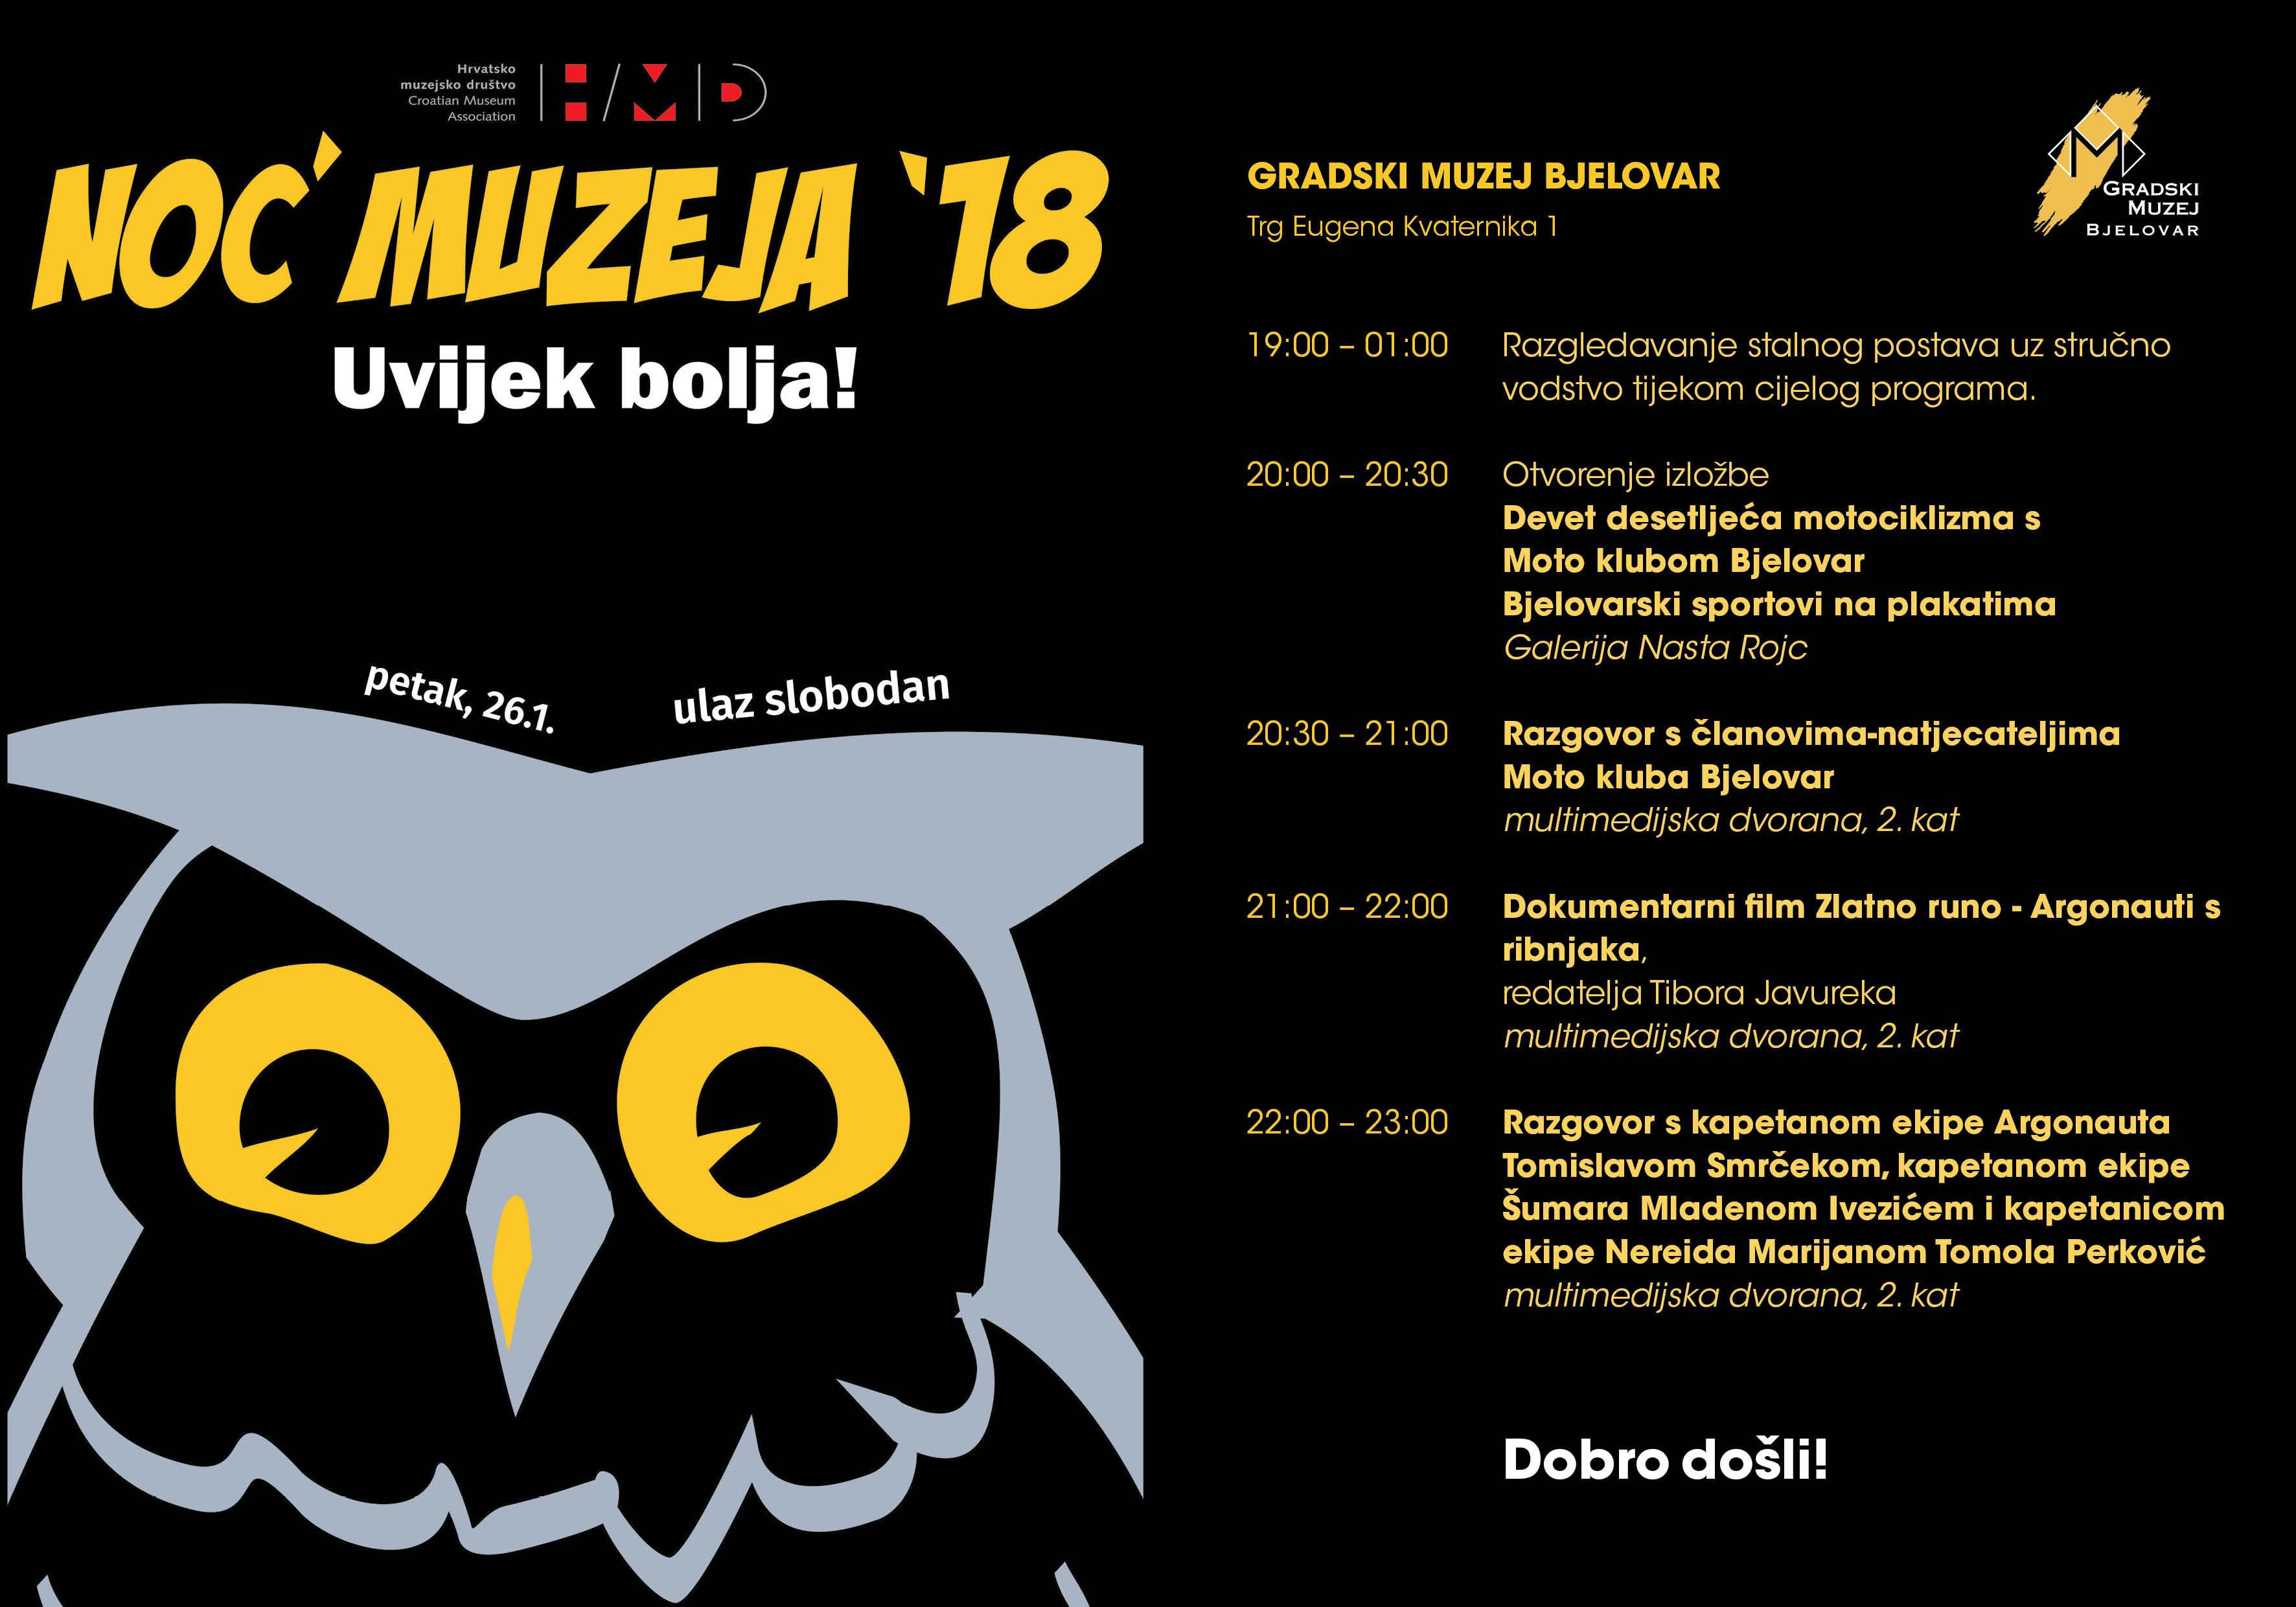 Pozivnica za Noć muzeja 2018. u Gradskom muzeju Bjelovar